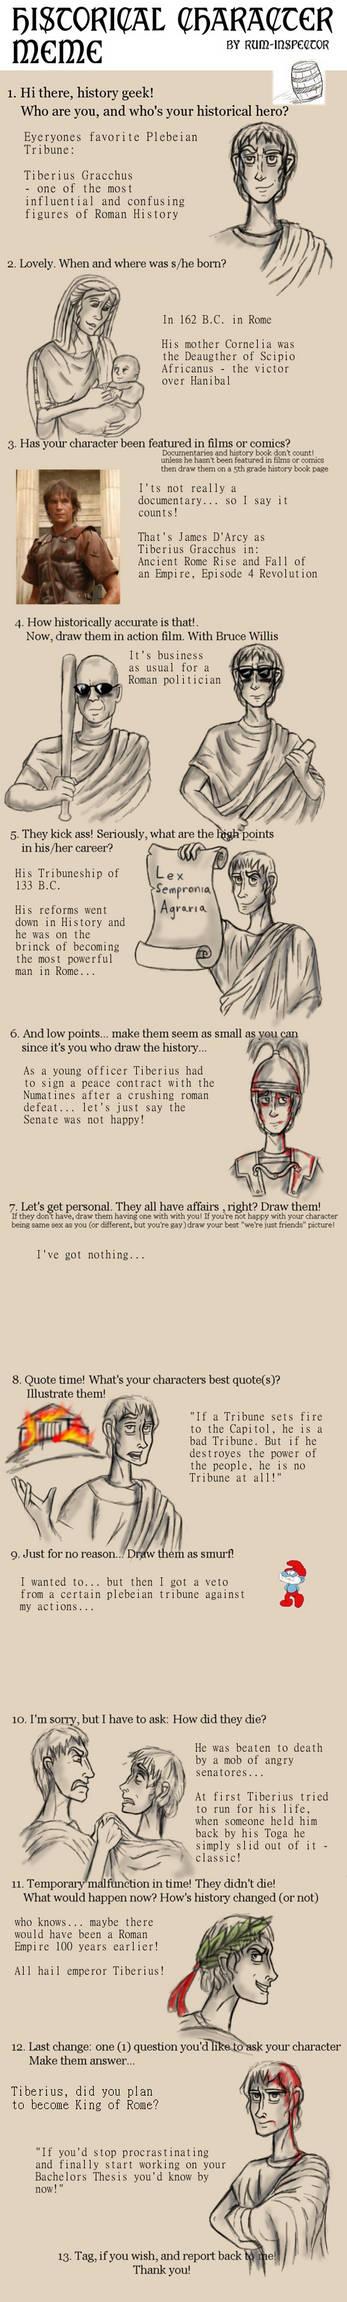 Historical Character Meme: Tiberius Gracchus